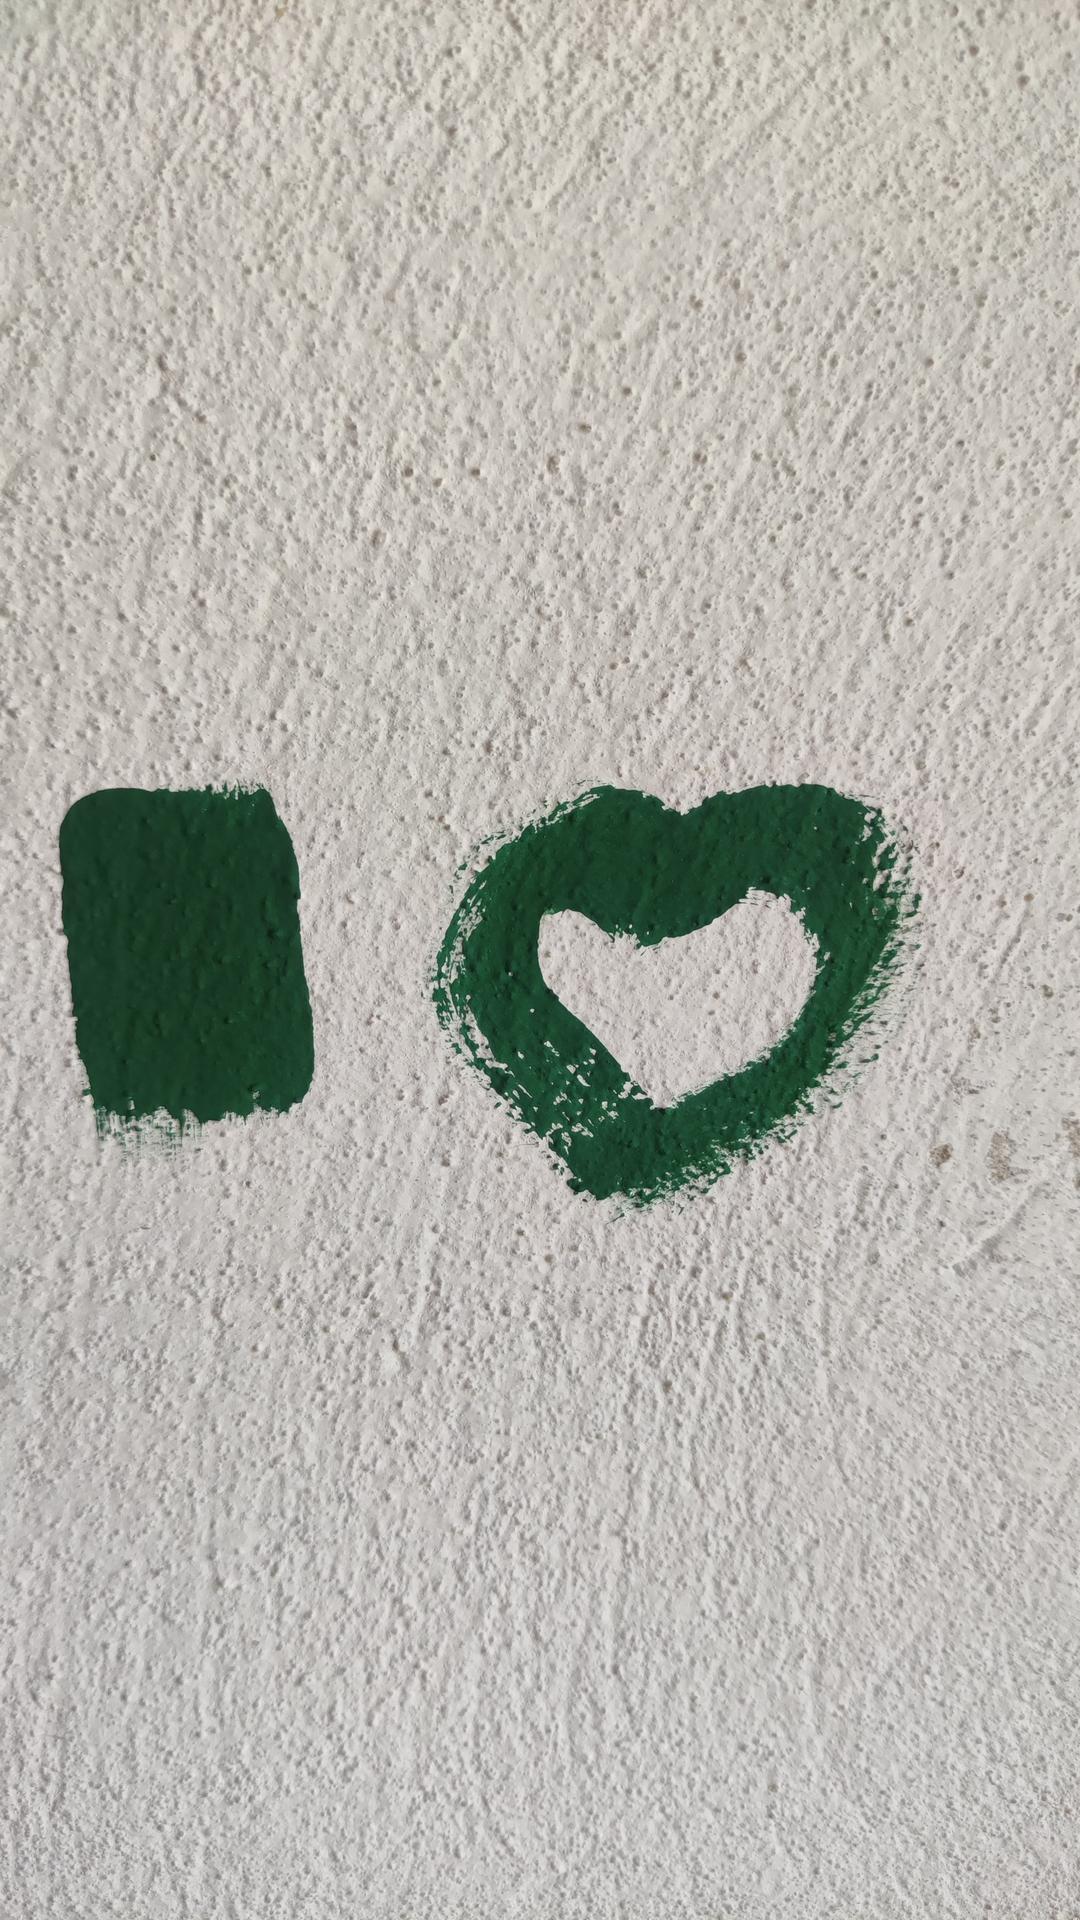 Dom vytvoríš rukami, domov jedine srdcom - Farba do spálne namiešaná....môžeme maľovať 🙂